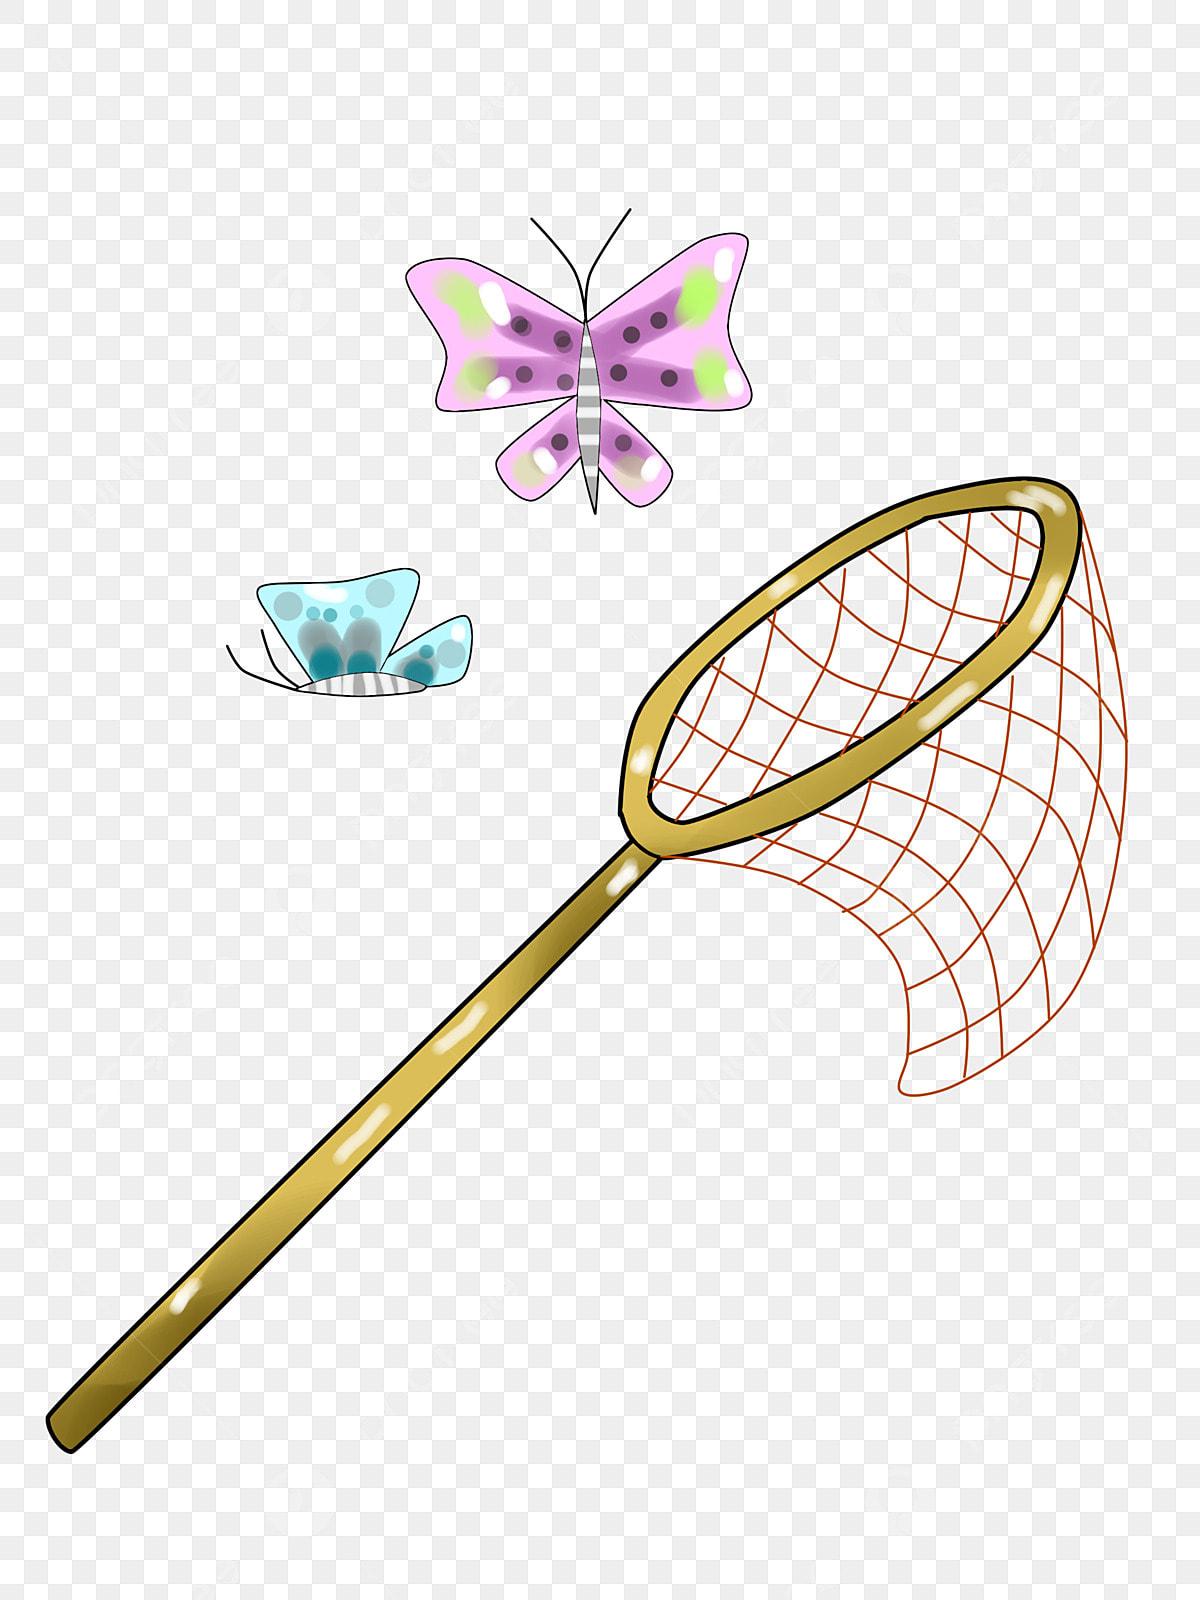 Dibujos Animados Atrapando Mariposas Colorear Ilustración Brillante